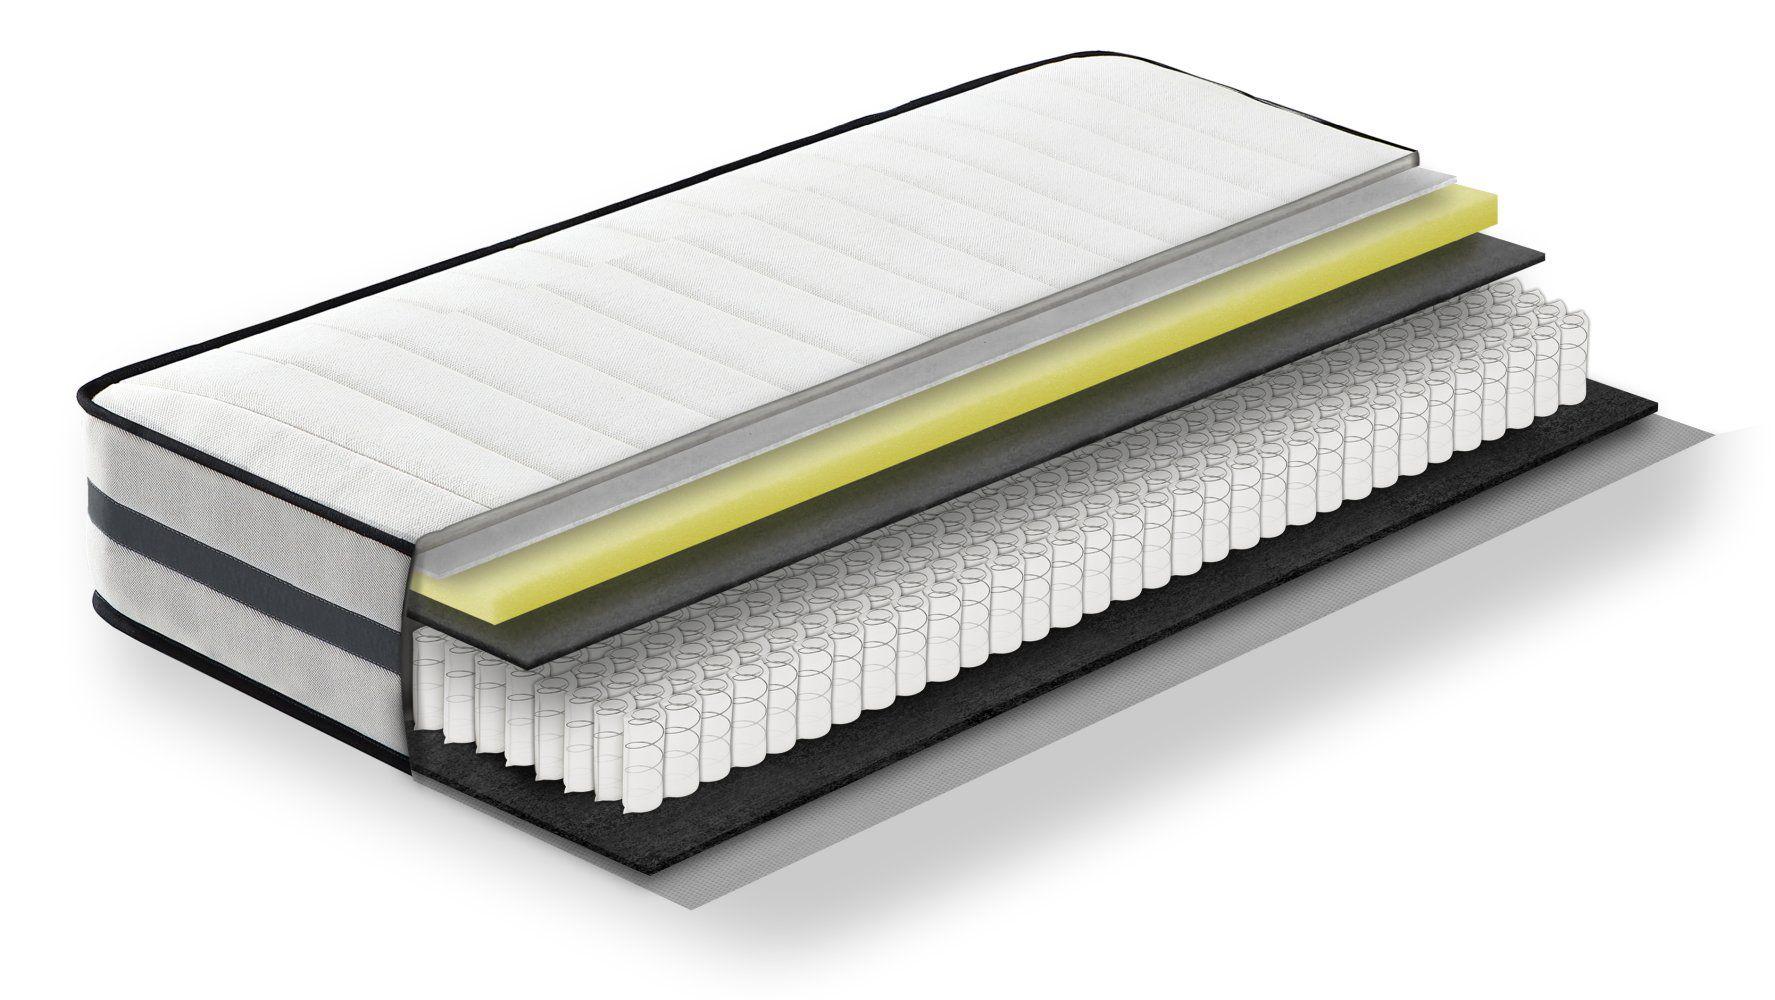 Steiner Premium matras Fantasy met pocketveren kern - afmeting: 120 x 200 cm, hardheidsgraad H2-H3, hoogte: 22,5 cm